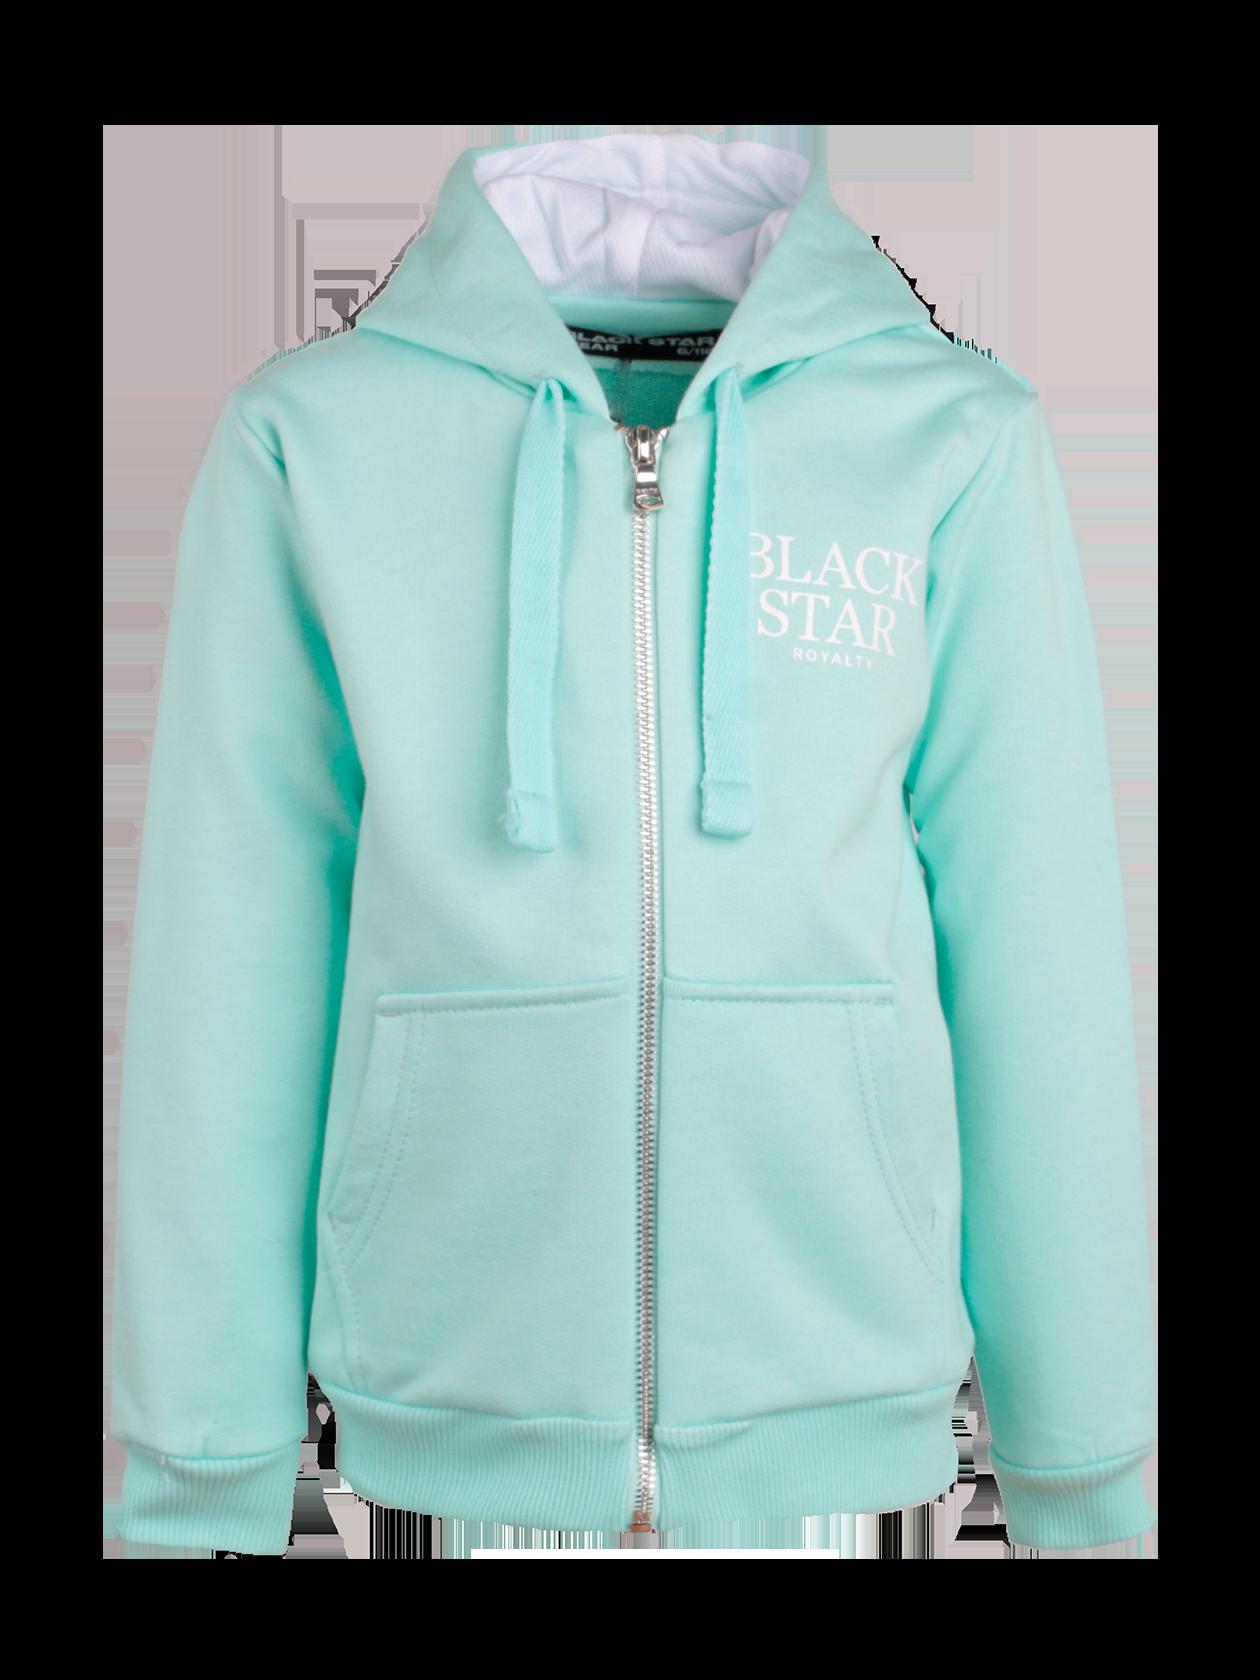 Толстовка детская ROYALTY BLACK STARПрактичная и удобная толстовка детская Royalty Black Star – отличное дополнение к гардеробу юных модников. Традиционный прямой крой, свободный силуэт. Объемный капюшон на подкладке, фиксирующие манжеты и низ изделия защитят от ветра и непогоды. Спереди серебристая застежка на молнии, накладные карманы. На груди контрастная надпись Black Star Royalty. Толстовка выполнена в приятной ментоловой расцветке, сшита из высококачественного мягкого футера.<br><br>Размер: 11-12 years<br>Цвет: Ментоловый<br>Пол: Унисекс